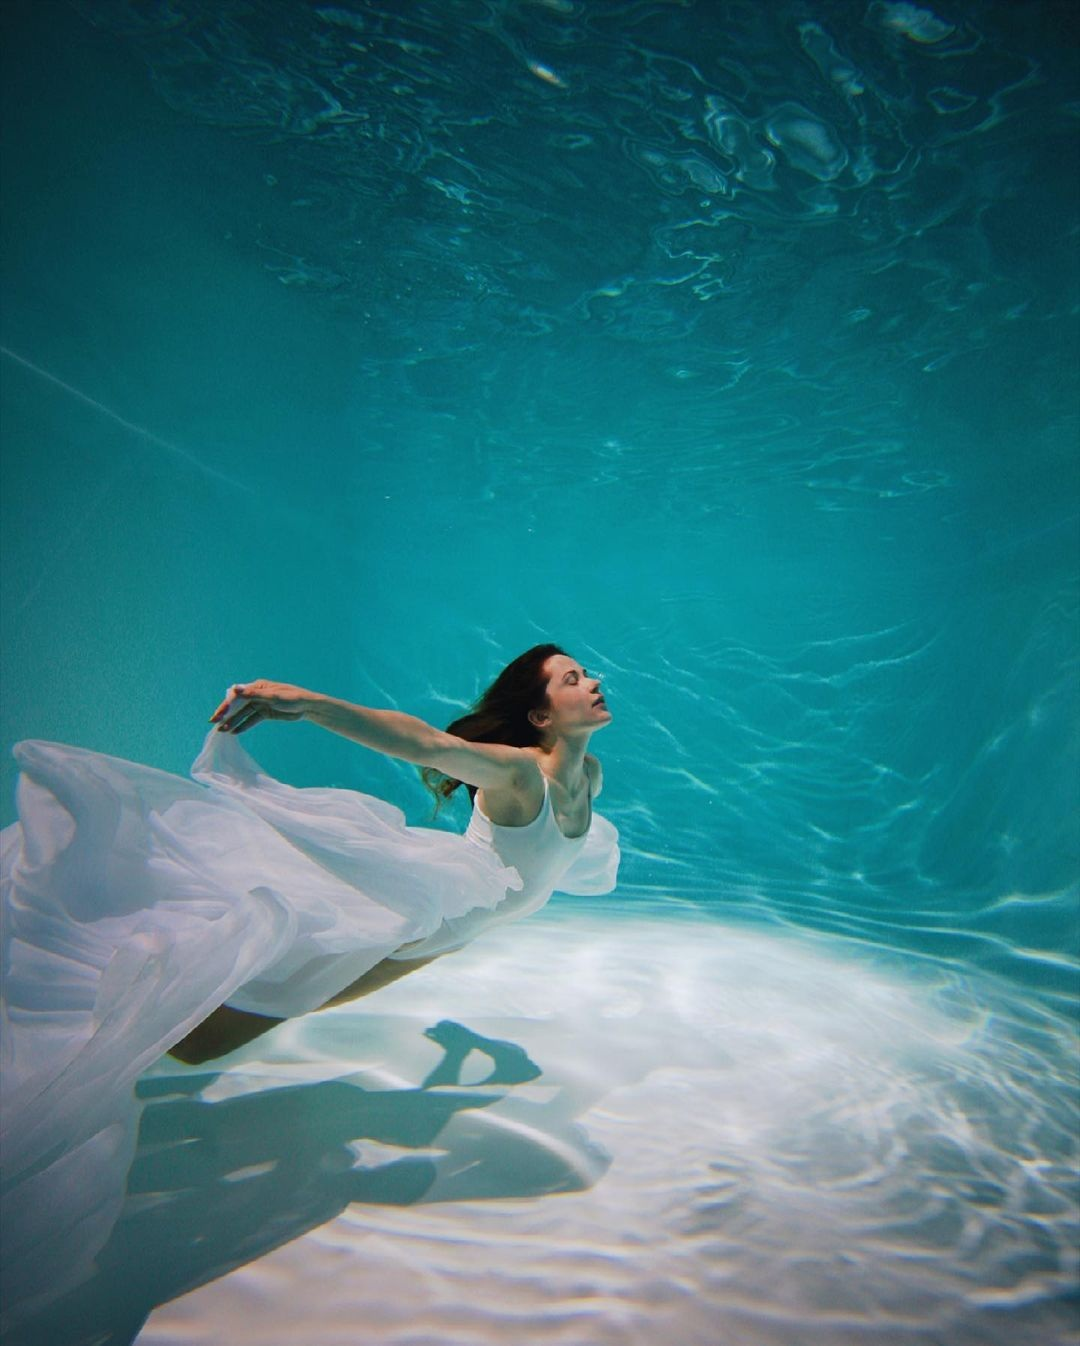 наталка денисенко крепостная фотосессия в купальнике под водой